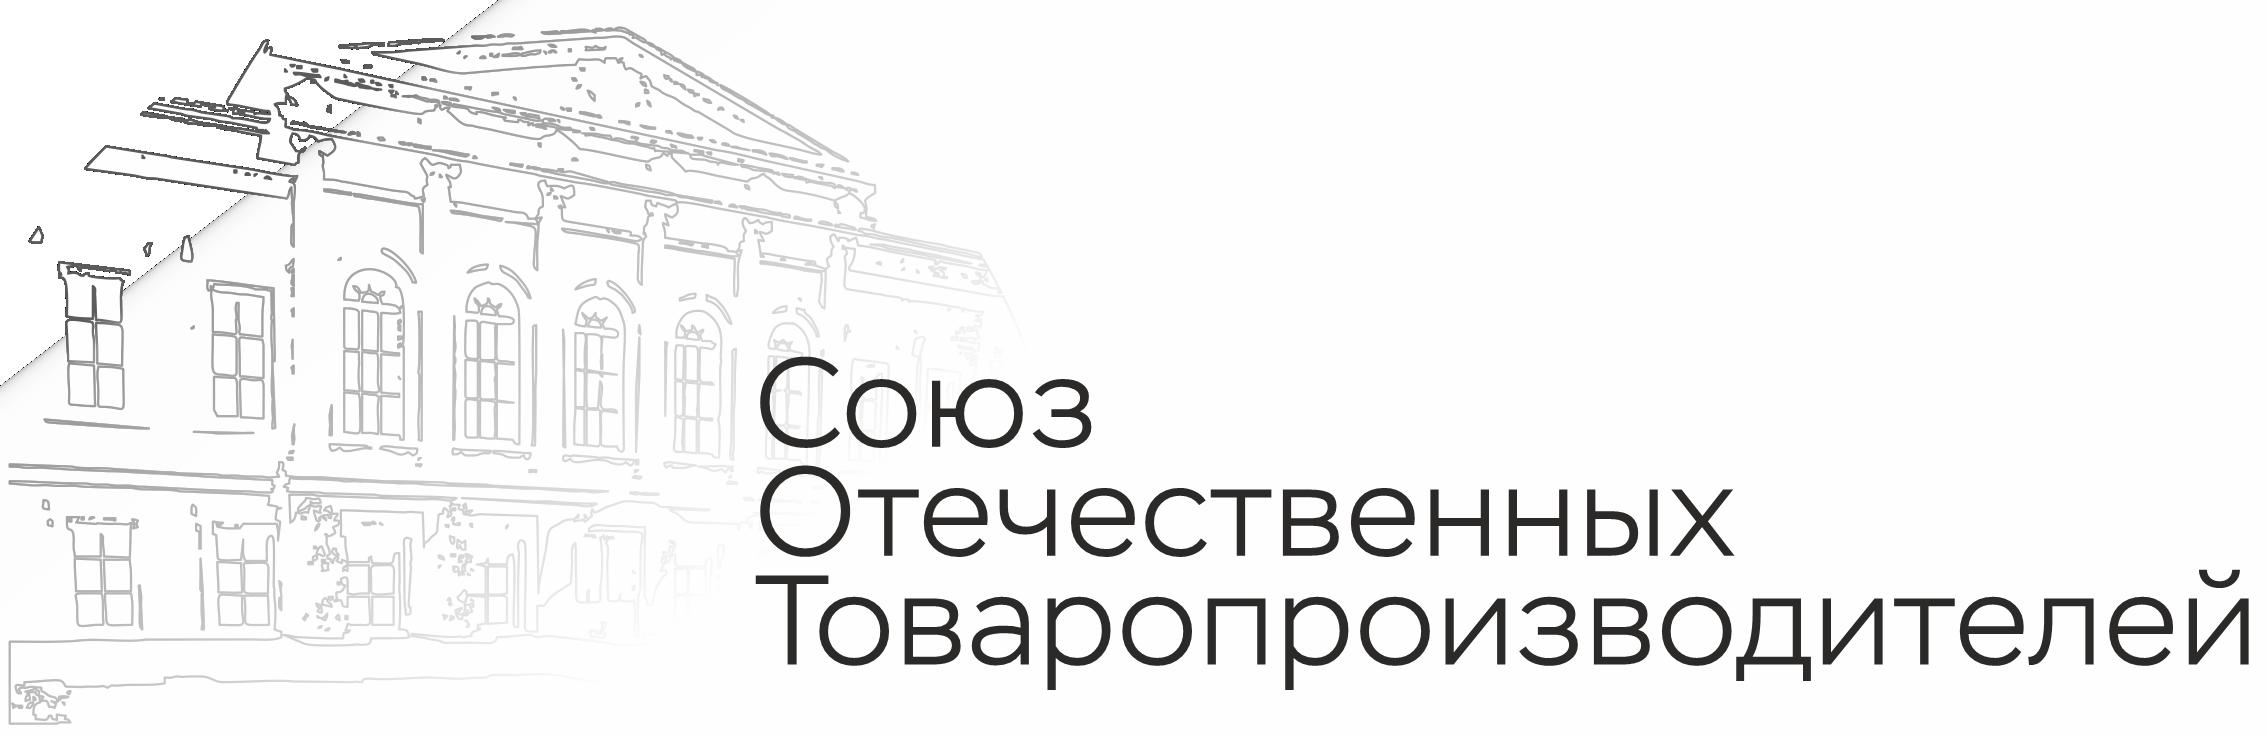 Союз отечественных товаропроизводителей